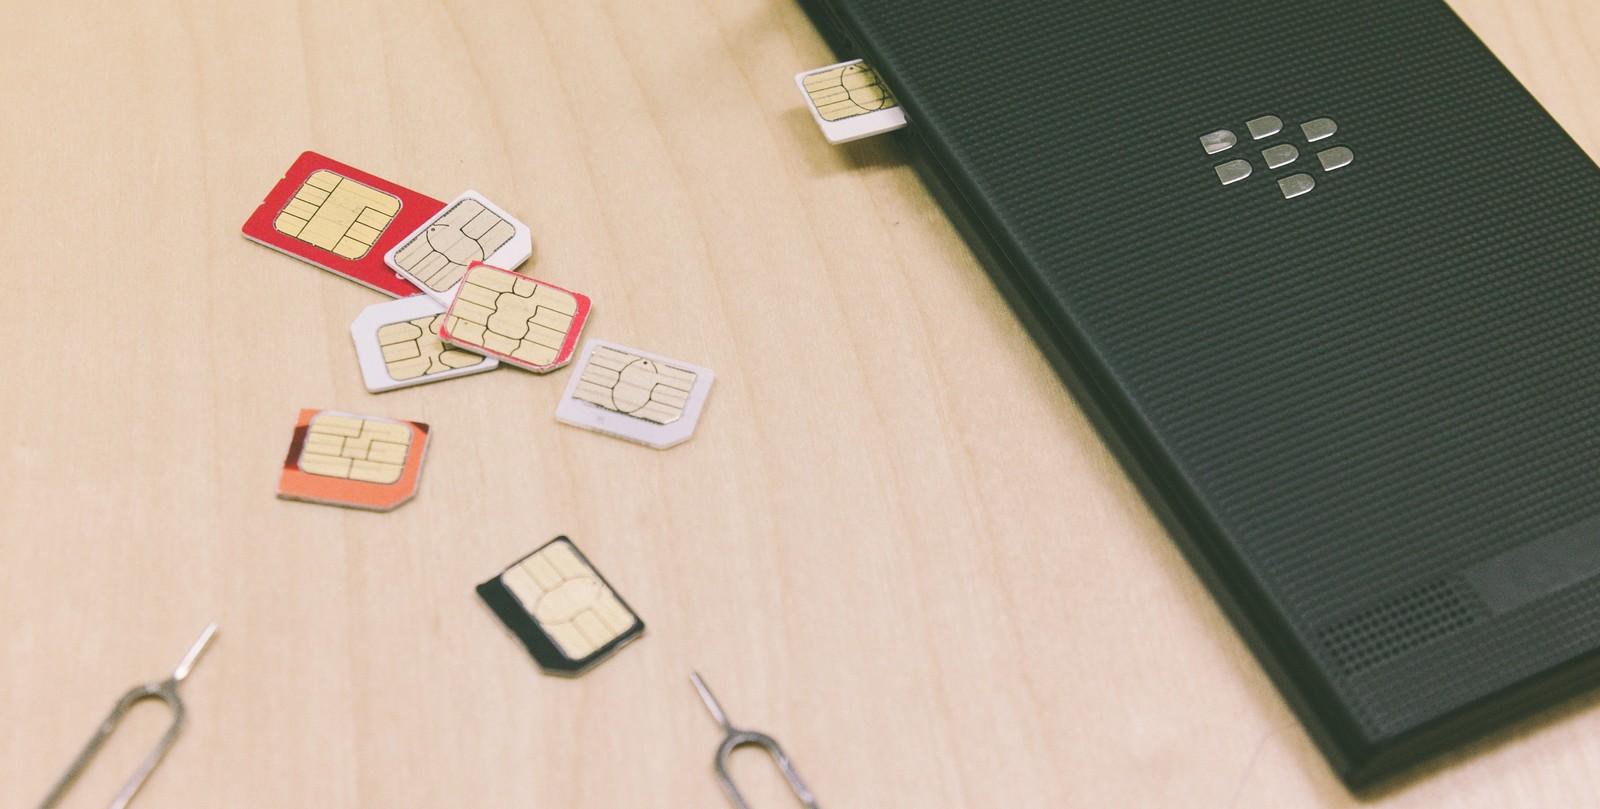 【初心者向け】格安SIMのメリットデメリットを要点絞って解説